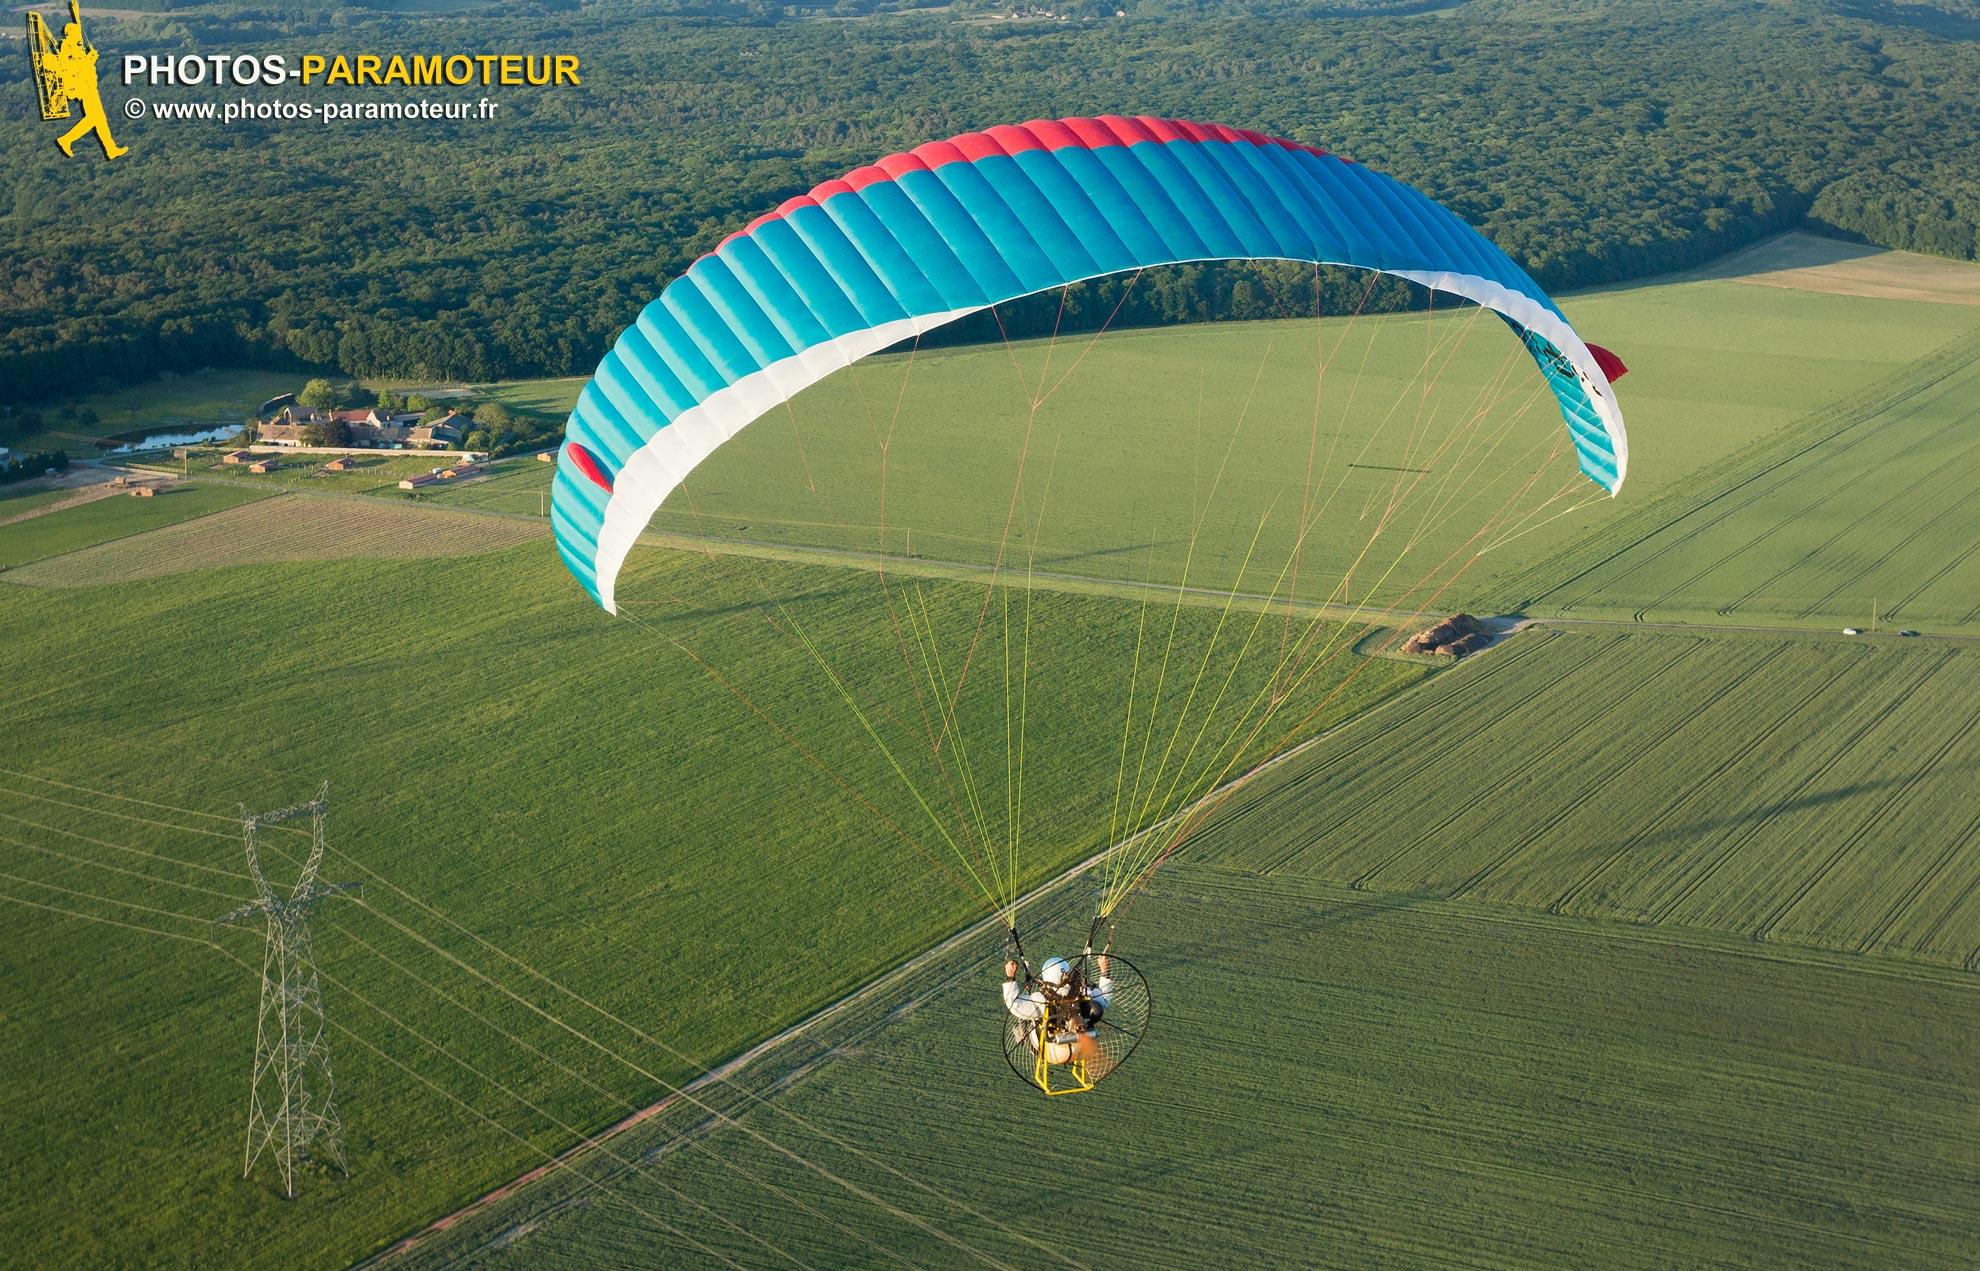 Parapente motorisé en vol au dessus de Saint-Chéron 91 , Essonne, France